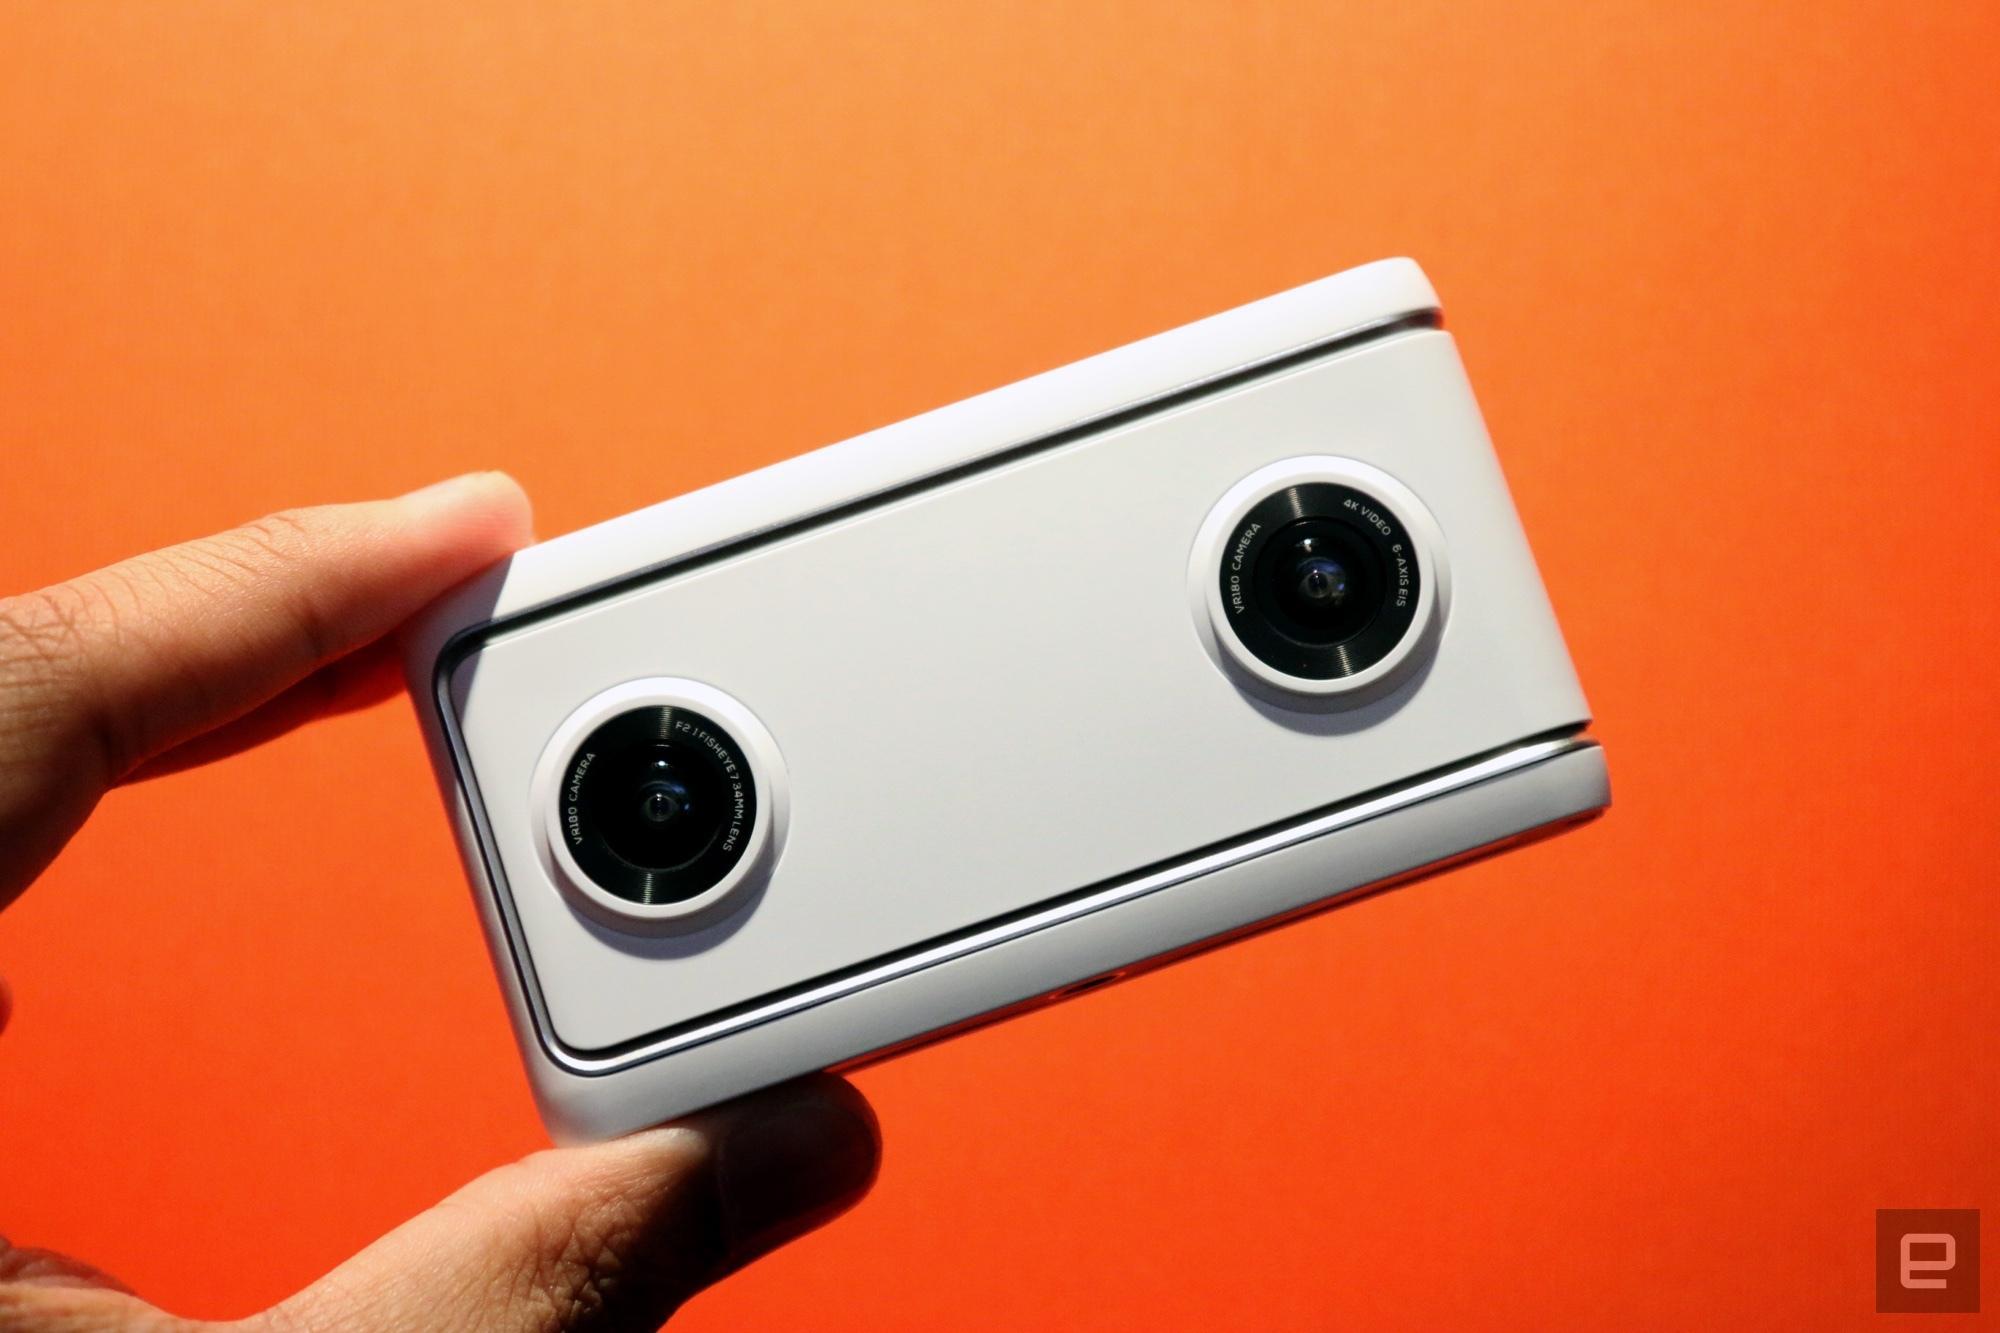 谷歌携同联想和小蚁科技,发布两款 VR180 相机